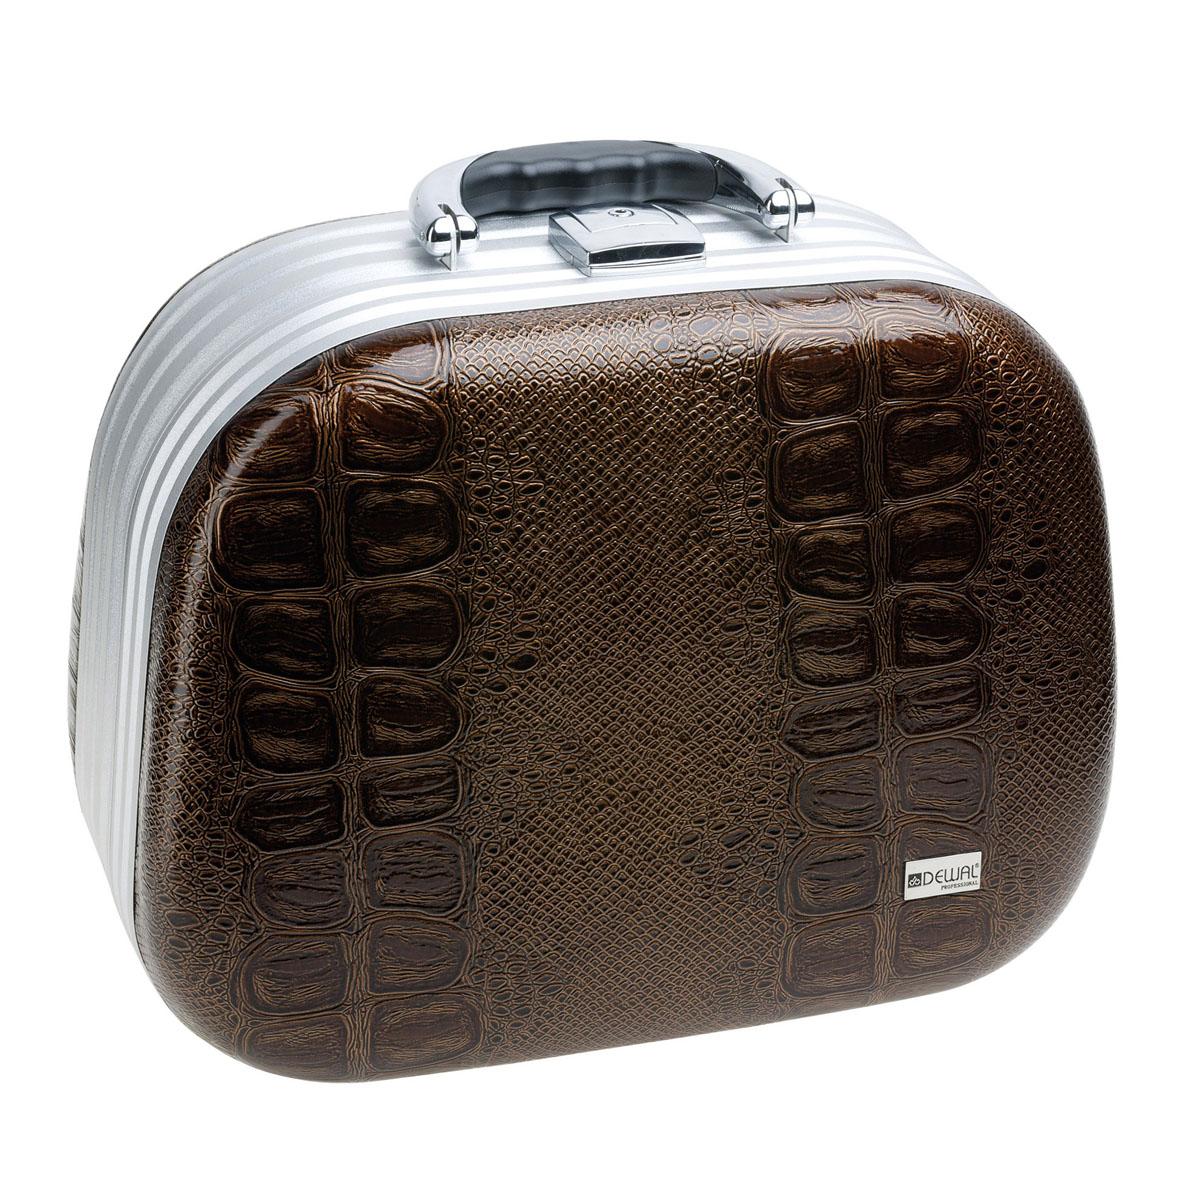 Dewal Чемодан для парикмахерских инструментов, цвет: коричневый. HP807BHP807BЧемодан для парикмахерских инструментов HP807B коричневый является компактным кейсом для размещения профессиональных инструментов парикмахера. Чемодан имеет обтекаемую форму и изготовлен из лёгкого алюминия и полимерного материала, который заменяет кожу. Внутри два больших отделения, карман на молнии и кармашки для мелких принадлежностей. Чемодан снабжен удобной пластмассовой ручкой. Модель выполнена в коричневом цвете.